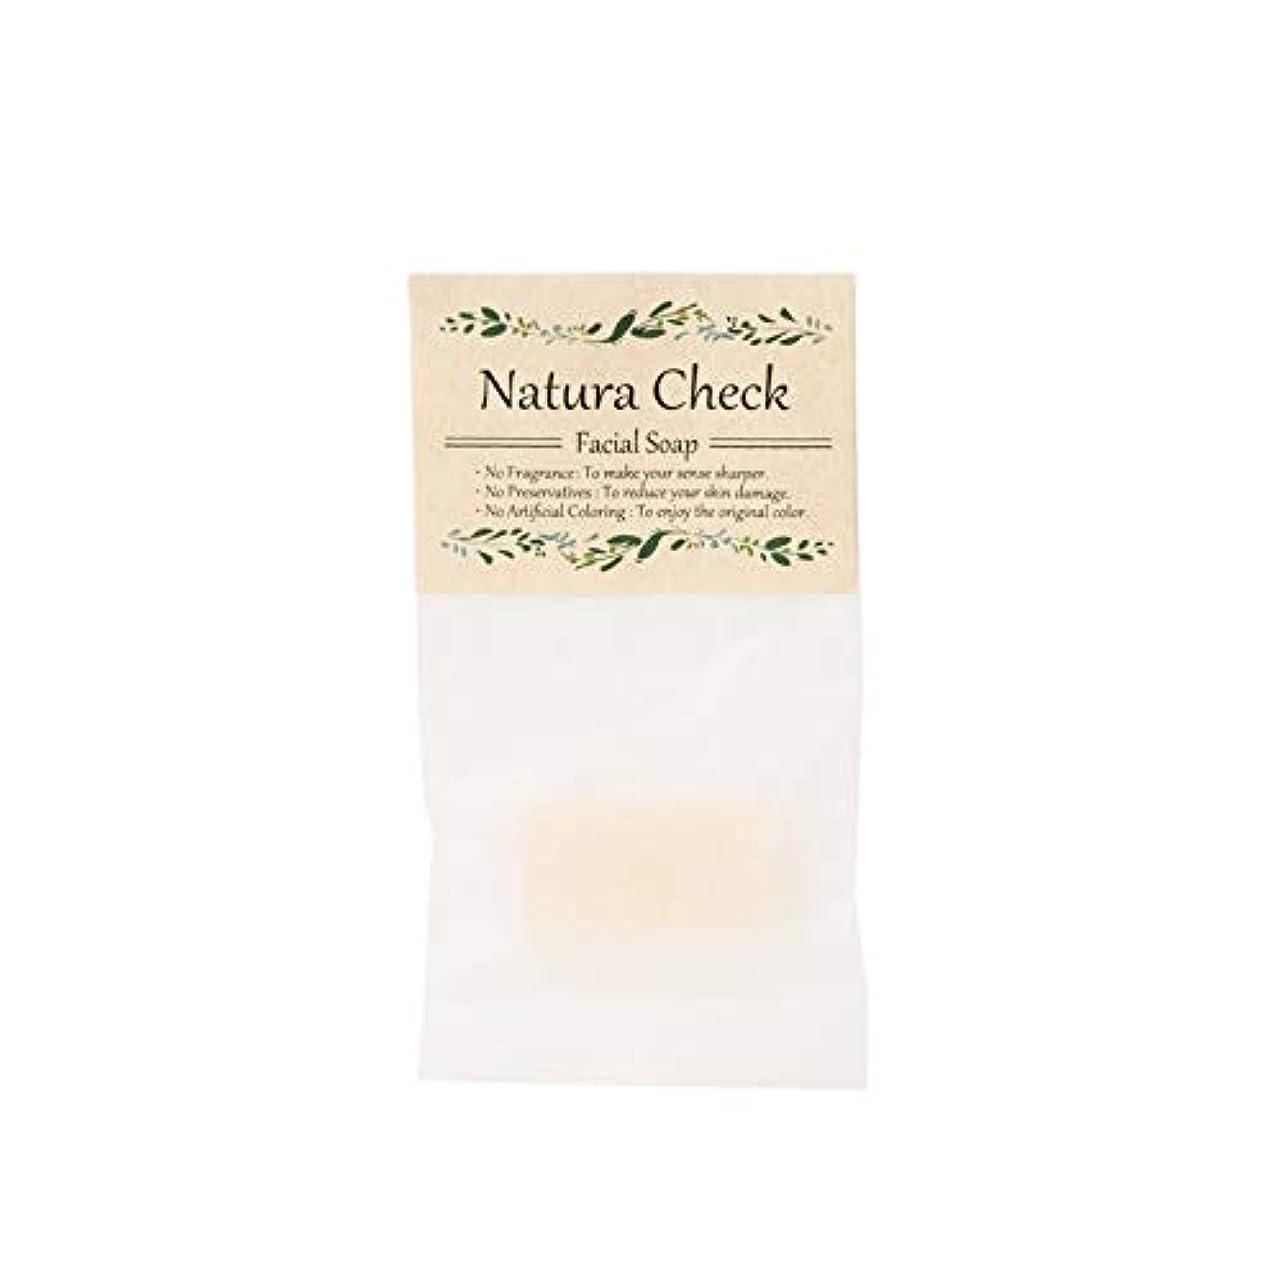 処理母性エイリアスNatura Check(ナチュラチェック)無添加洗顔せっけん10g お試し?トラベル用サイズ